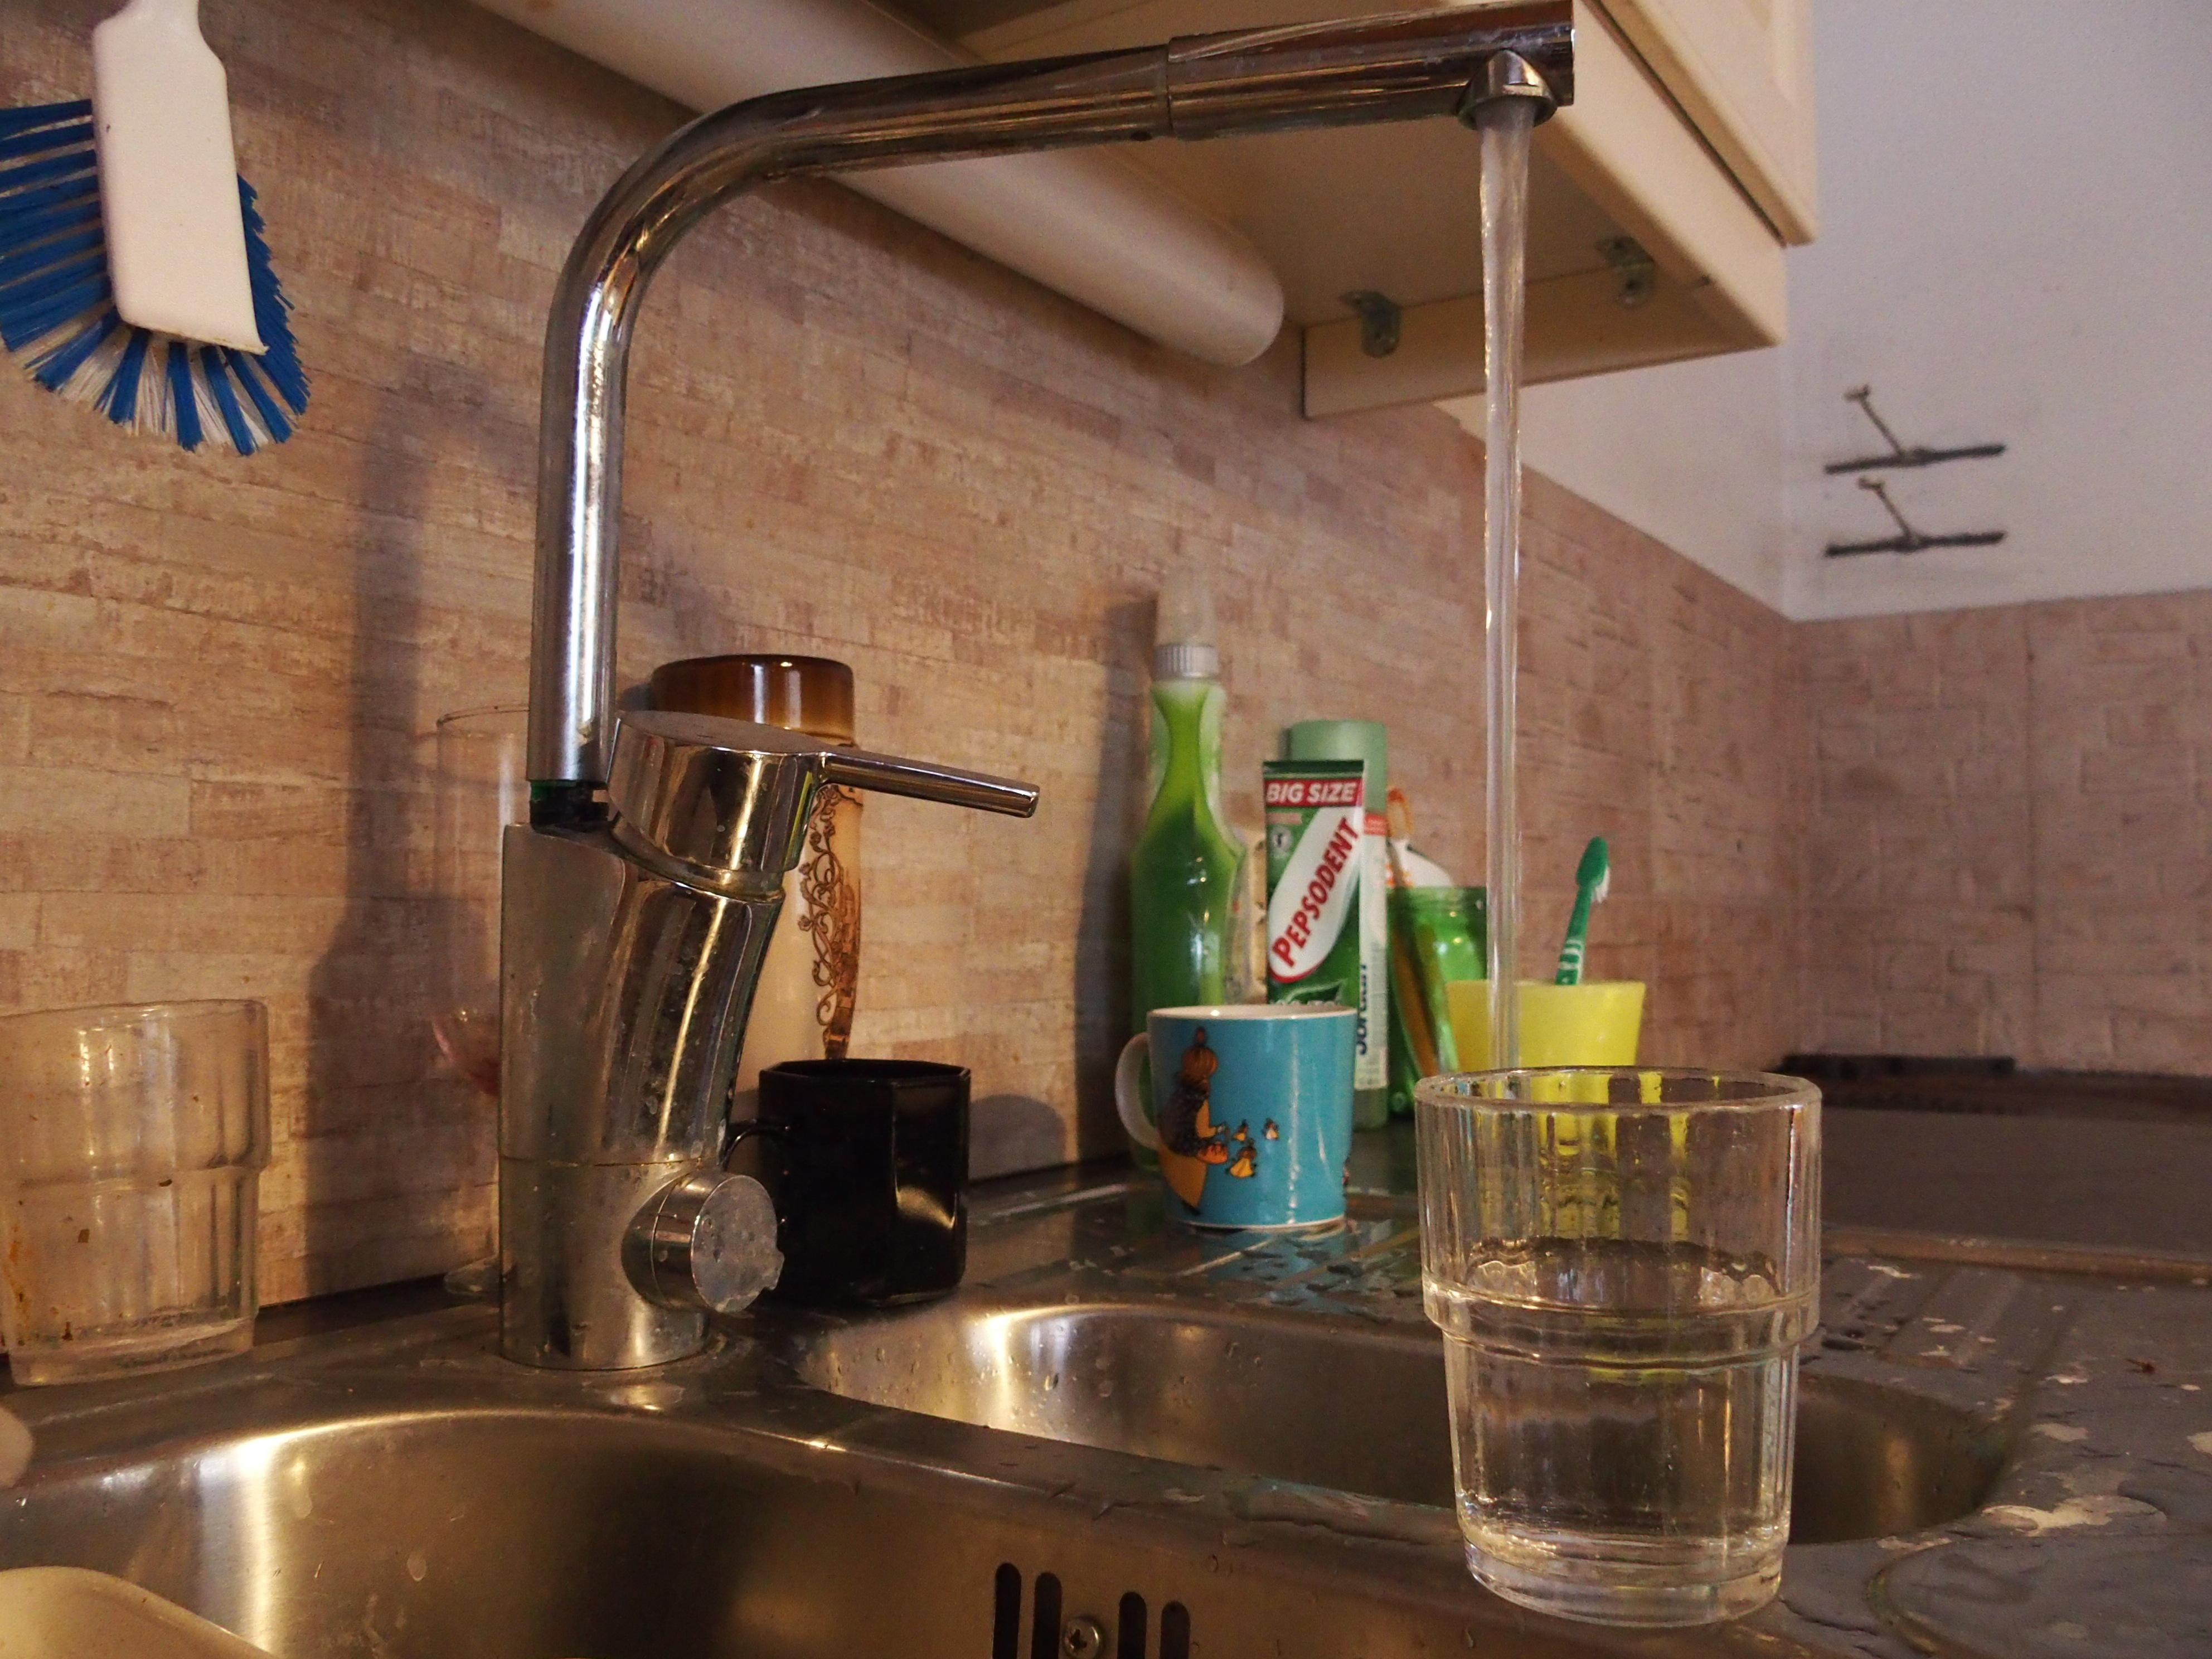 Pinta- ja pohjaveden laatu on hyvä Keski-Suomessa. Tällöin myös juomaveden laatu on hyvä.